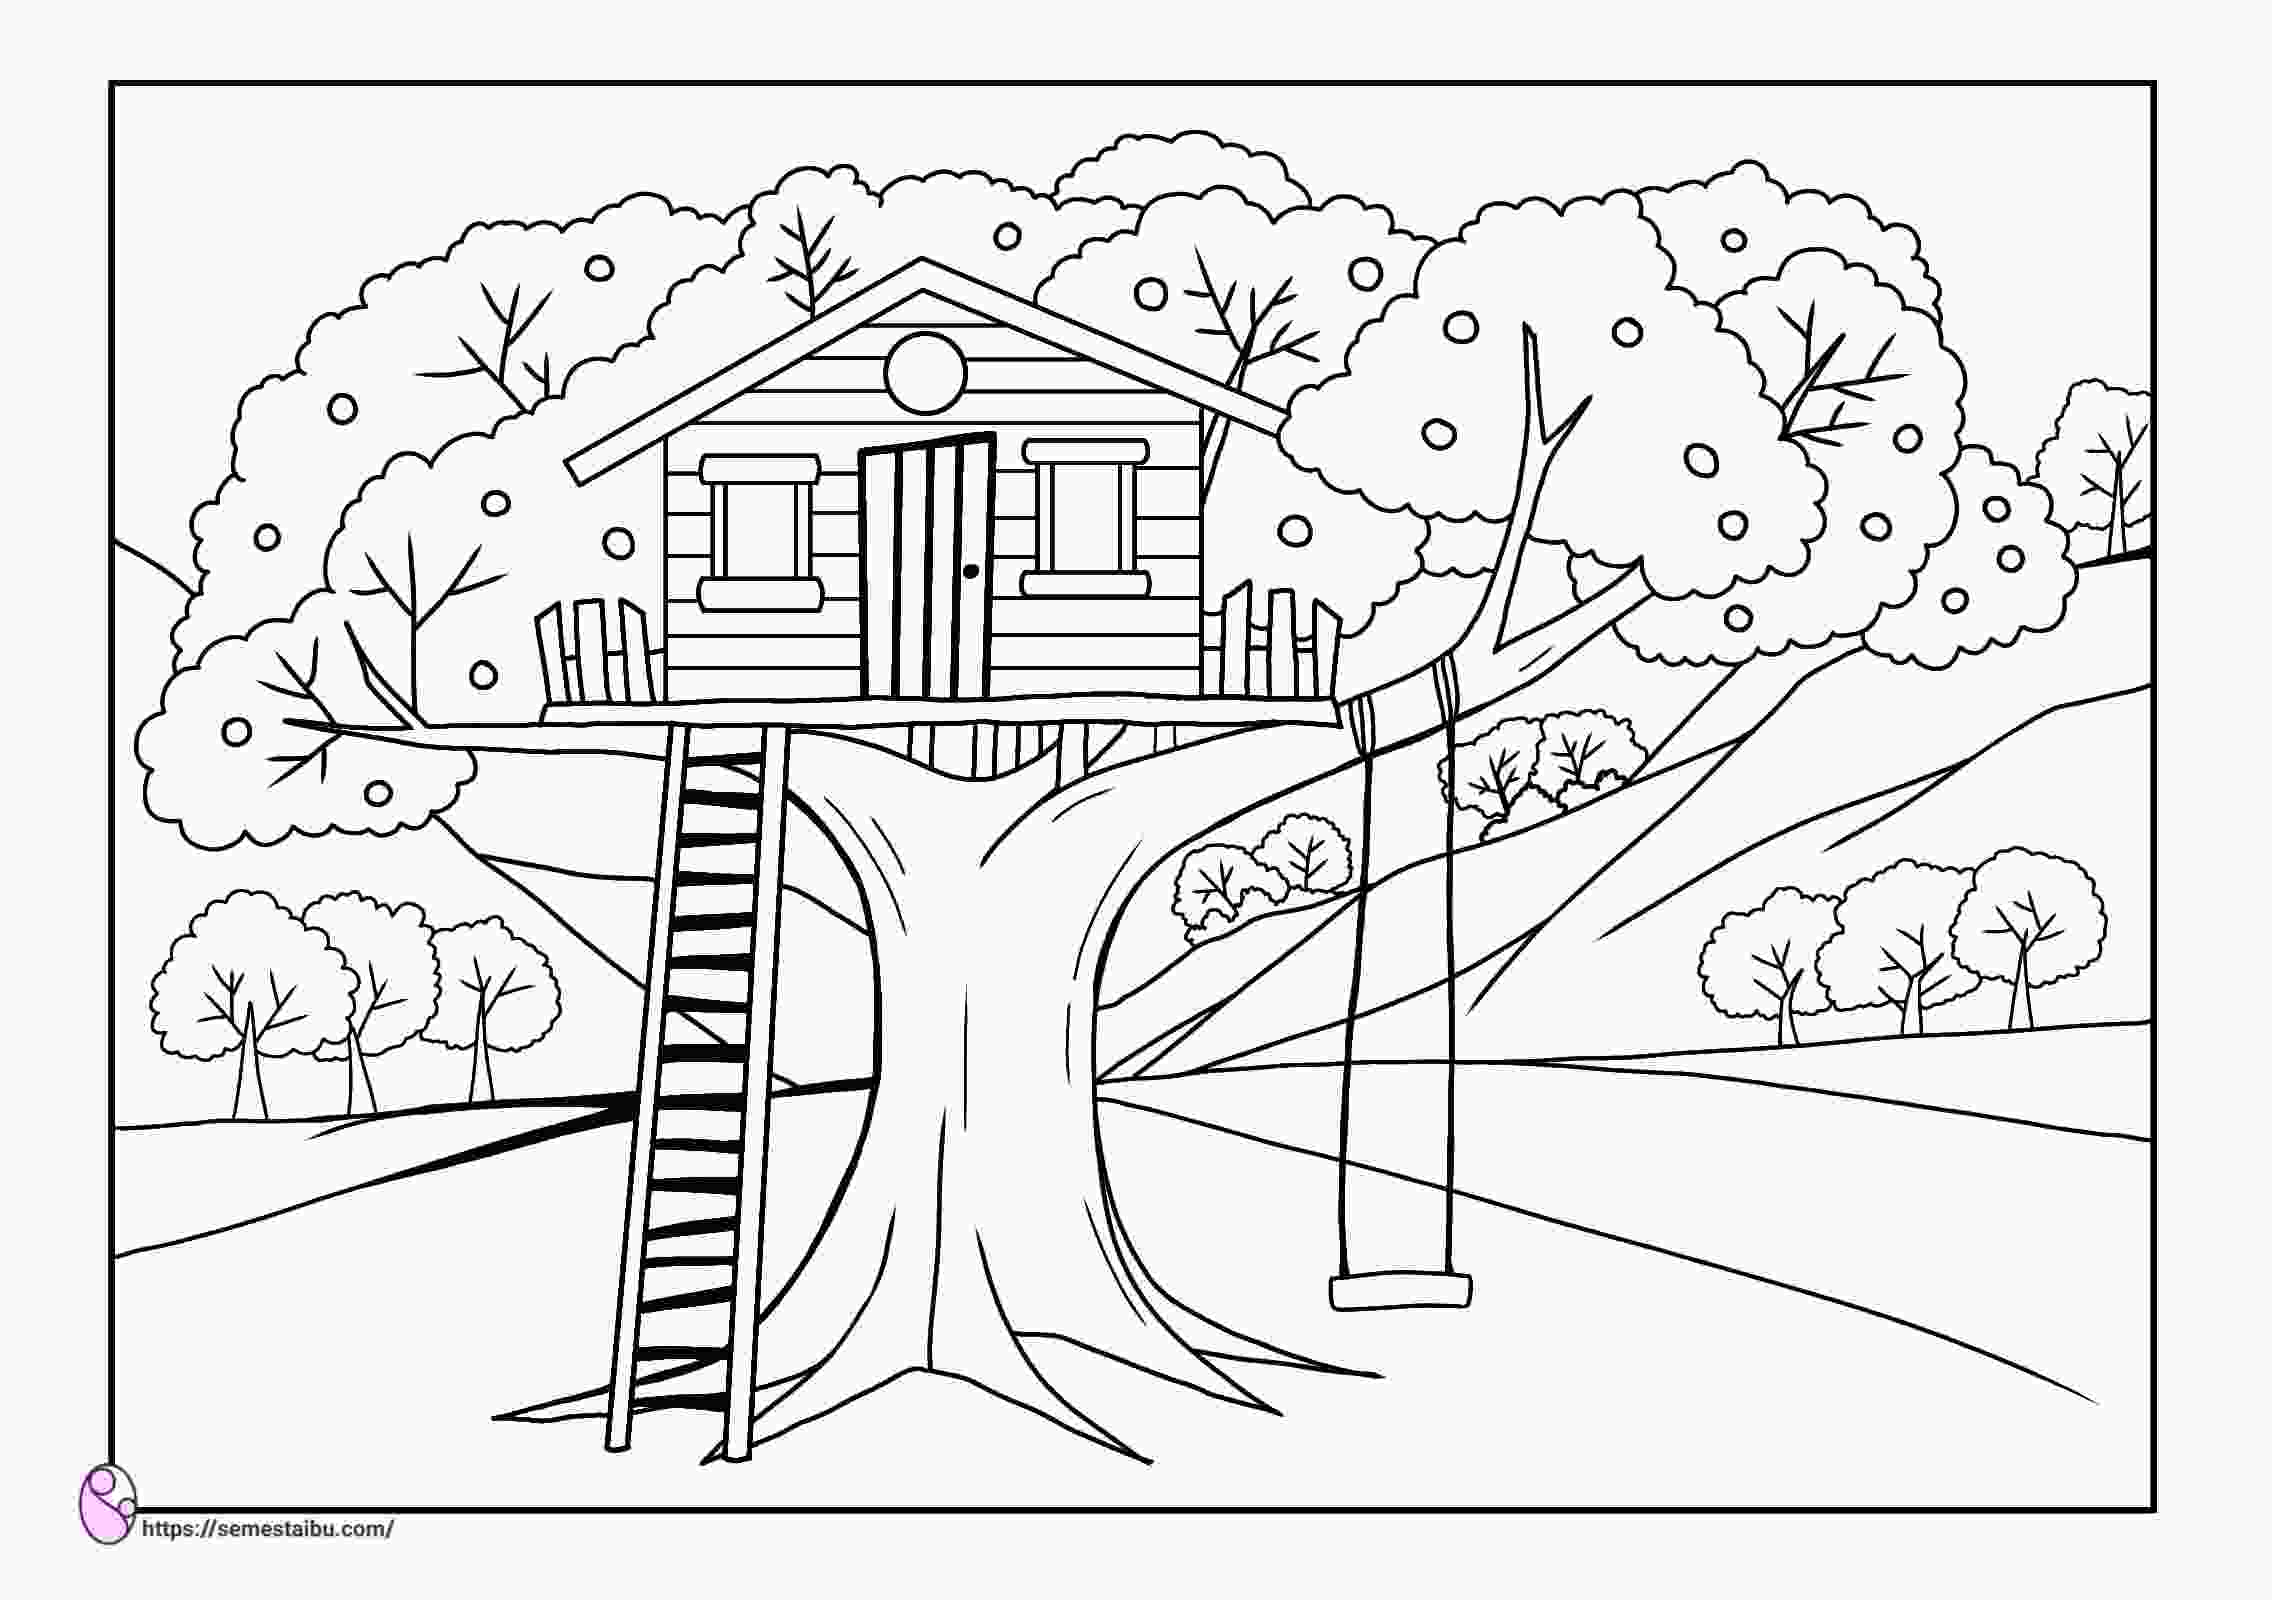 Gambar Mewarnai Rumah Pohon